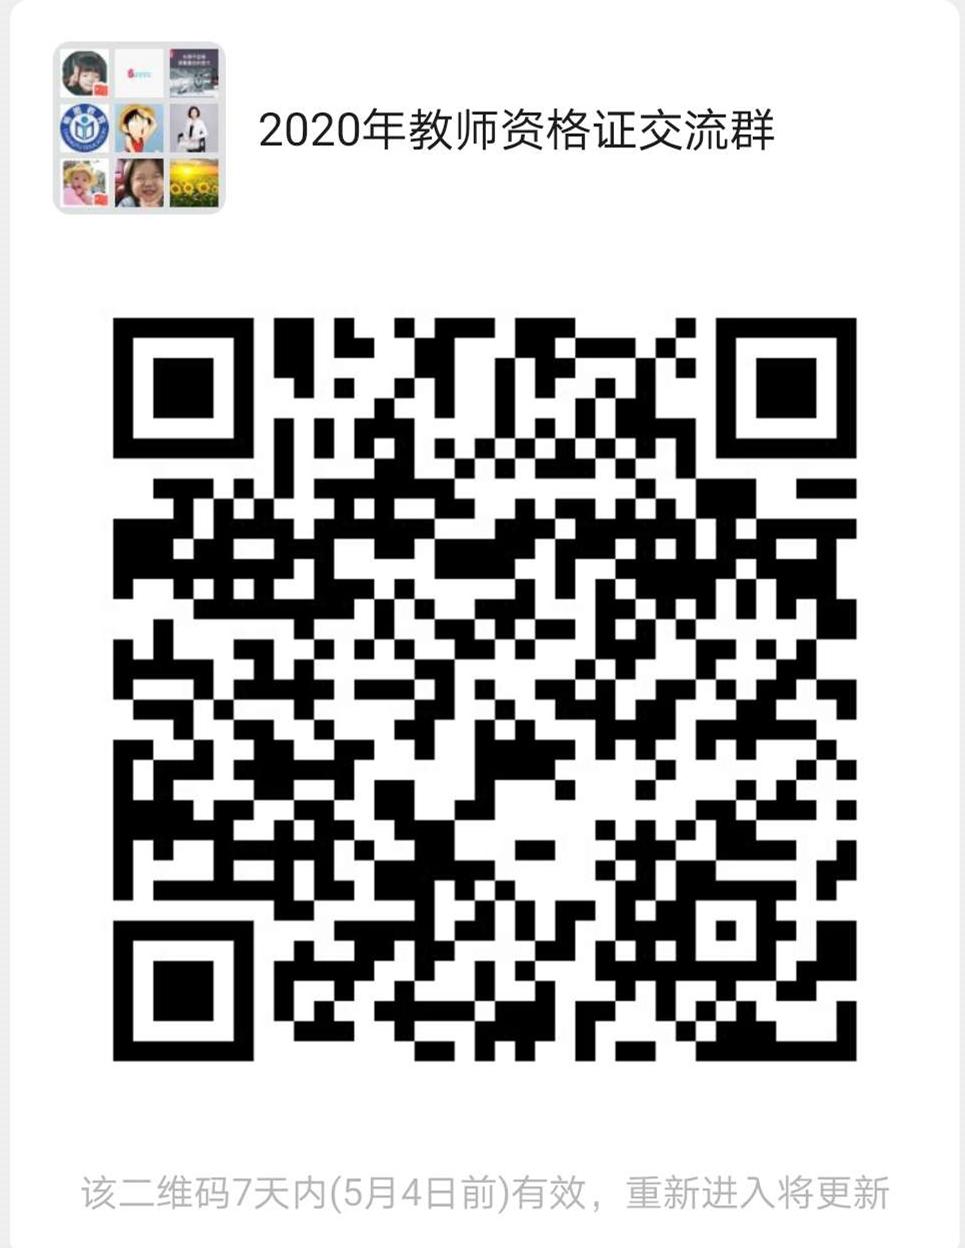 微信图片_20200427181629.jpg